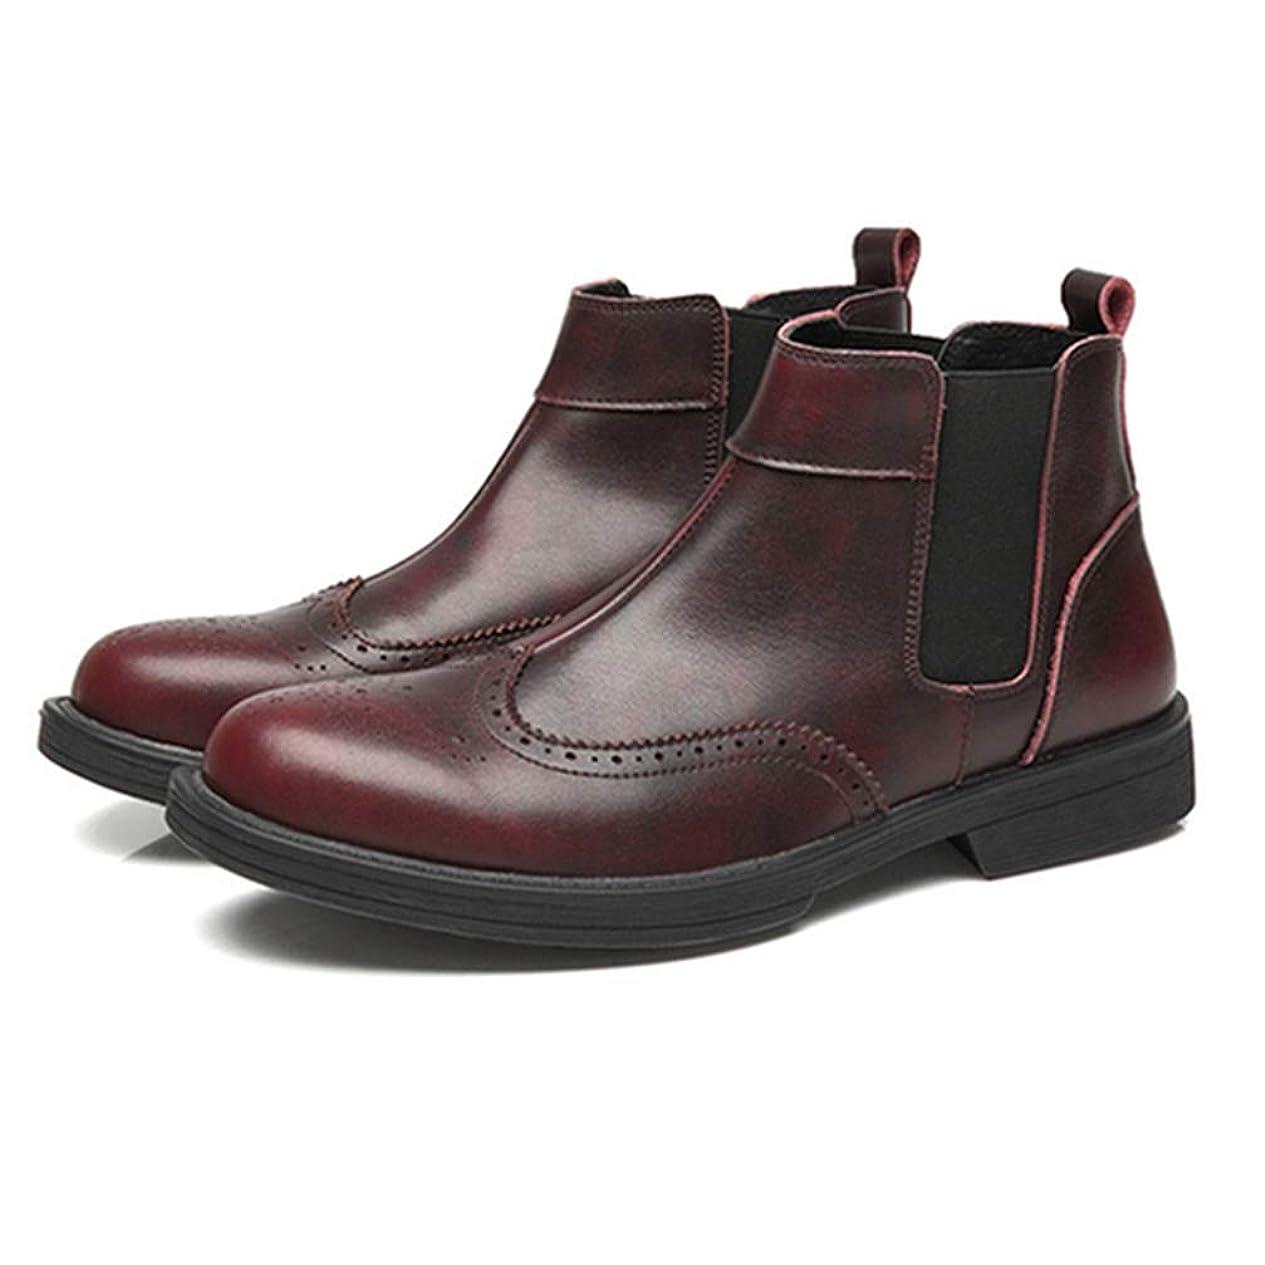 パーフェルビッド熱帯の未満メンズ サイドゴアブーツ 本革 ショートブーツ ビジネスシューズ スリッポン 革靴 紳士靴 ブラック ブラウン ワインレッド 撥水加工 靴 ブーツ ラウンドトゥ プレーントゥ フォーマル 大きいサイズ